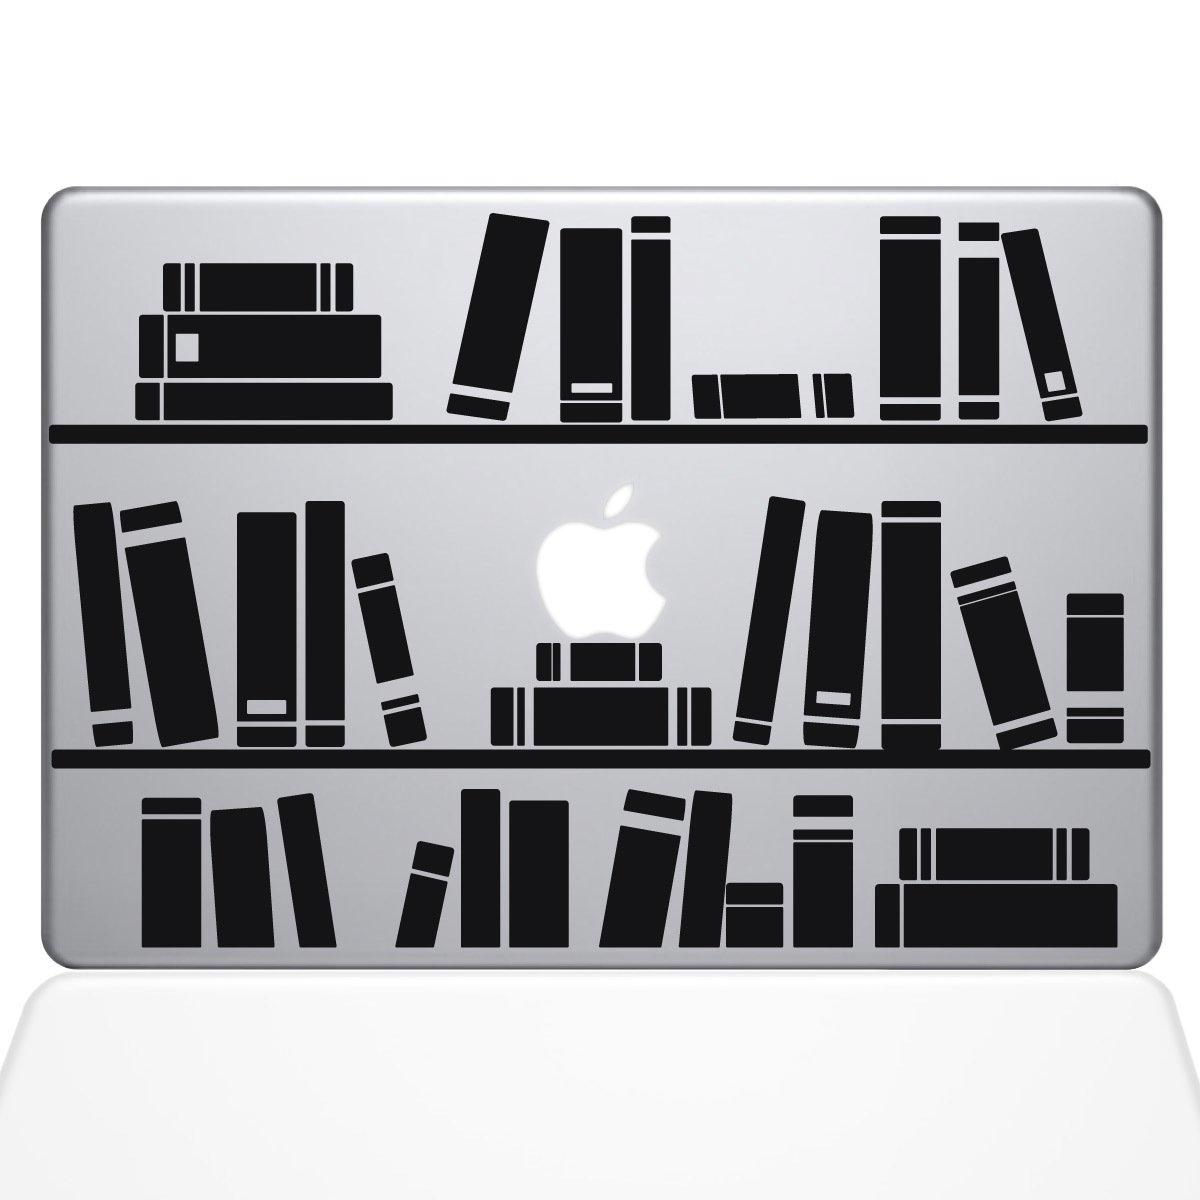 売り切れ必至! Bookshelf シルバー Library Macbookデカール、Die Cut Vinyl Decal for シルバー Windows車 Vinyl、トラック、ツールボックス、ノートパソコン、ほぼすべてmacbook-ハード、滑らかな表面 シルバー Titans-Unique-Design-118789-Silver シルバー B07239NFFD, ドラゴン商会:7b951252 --- kickit.co.ke